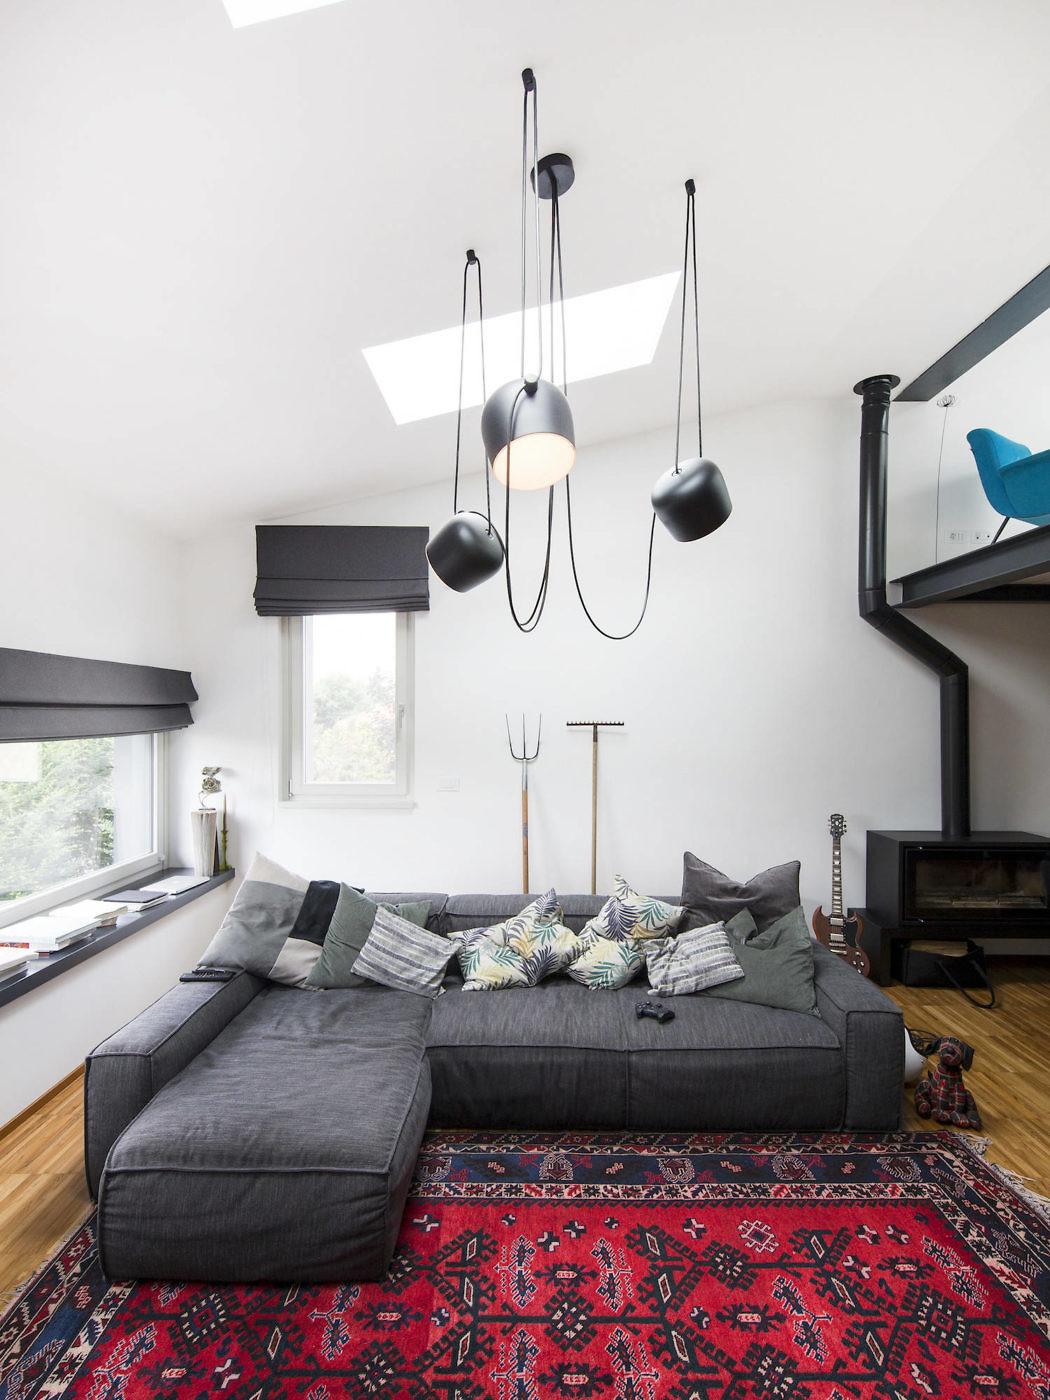 Architettura And Design loft in italy by ideea interior design e architettura